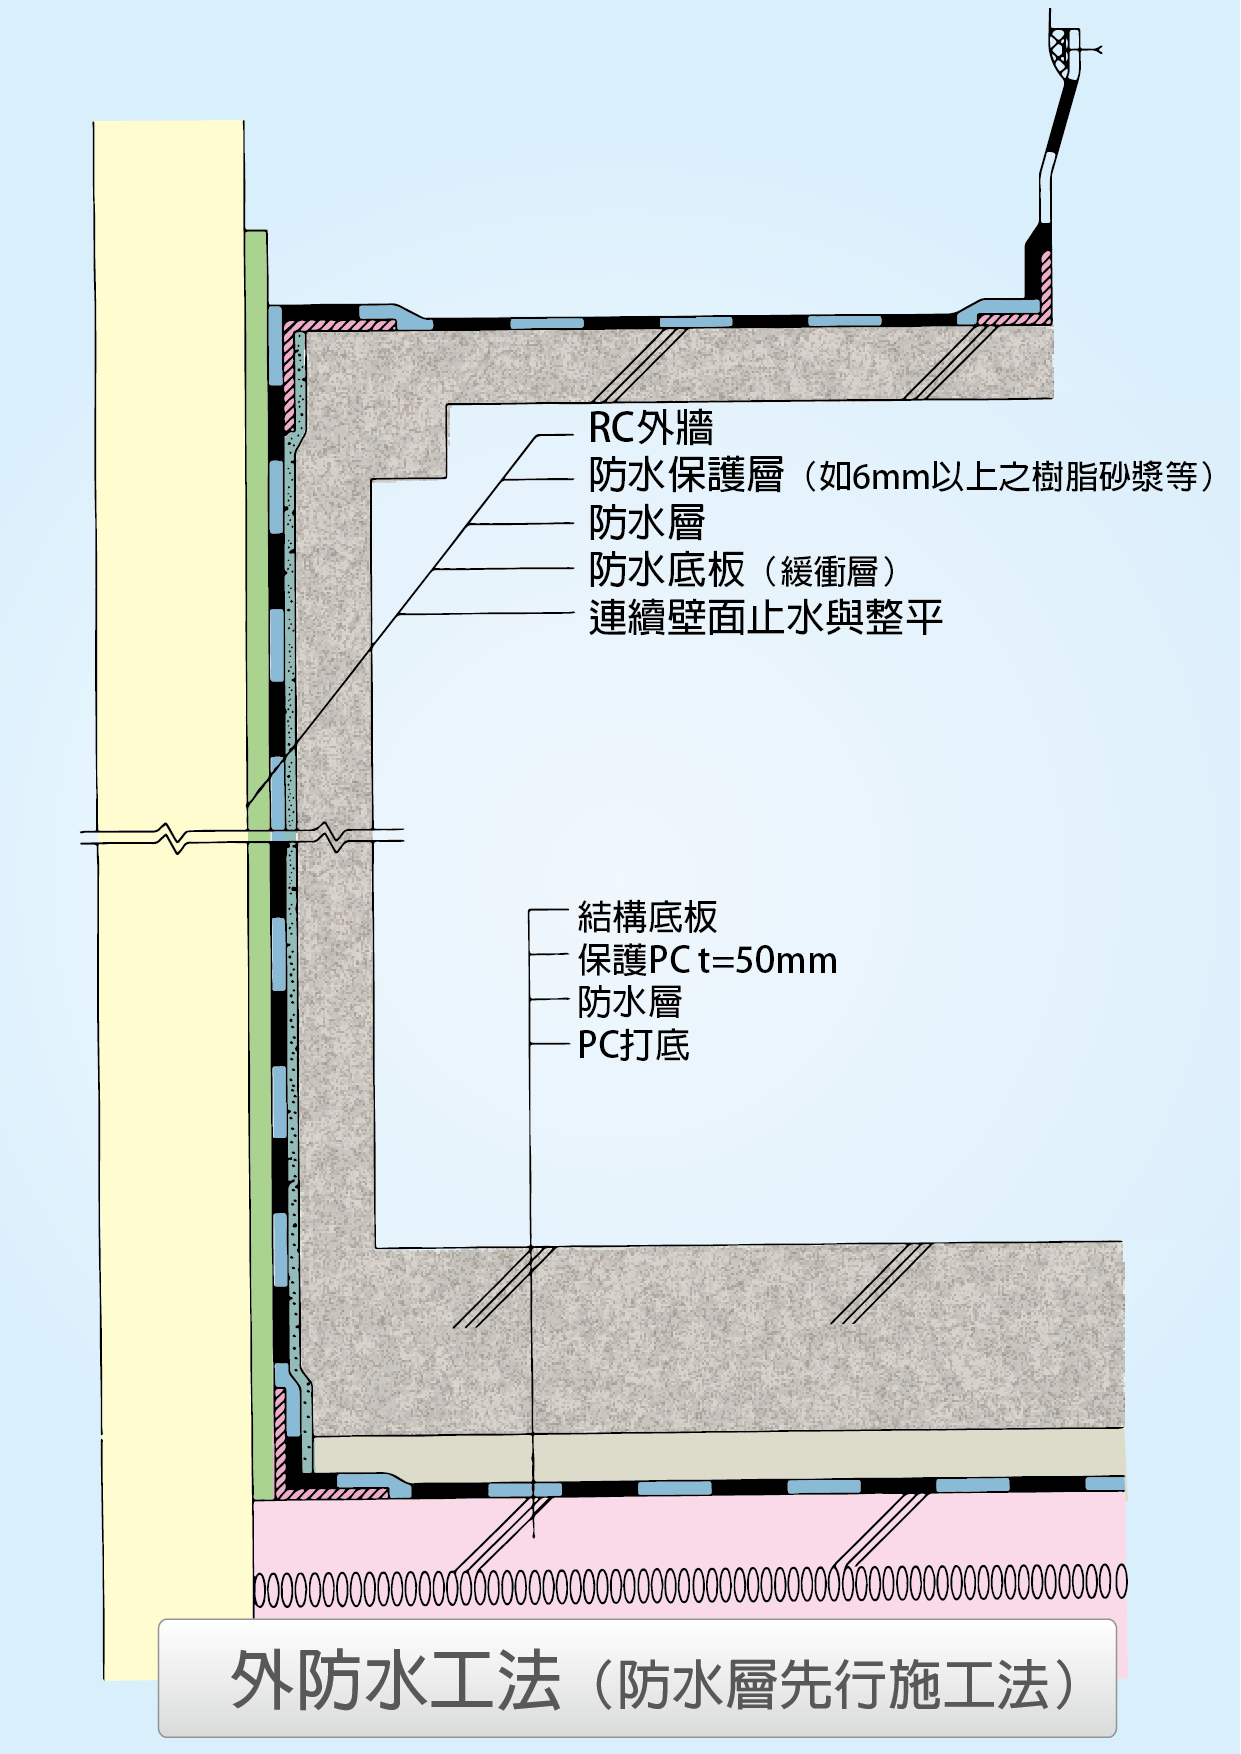 圖2-4-78(圖例一).png